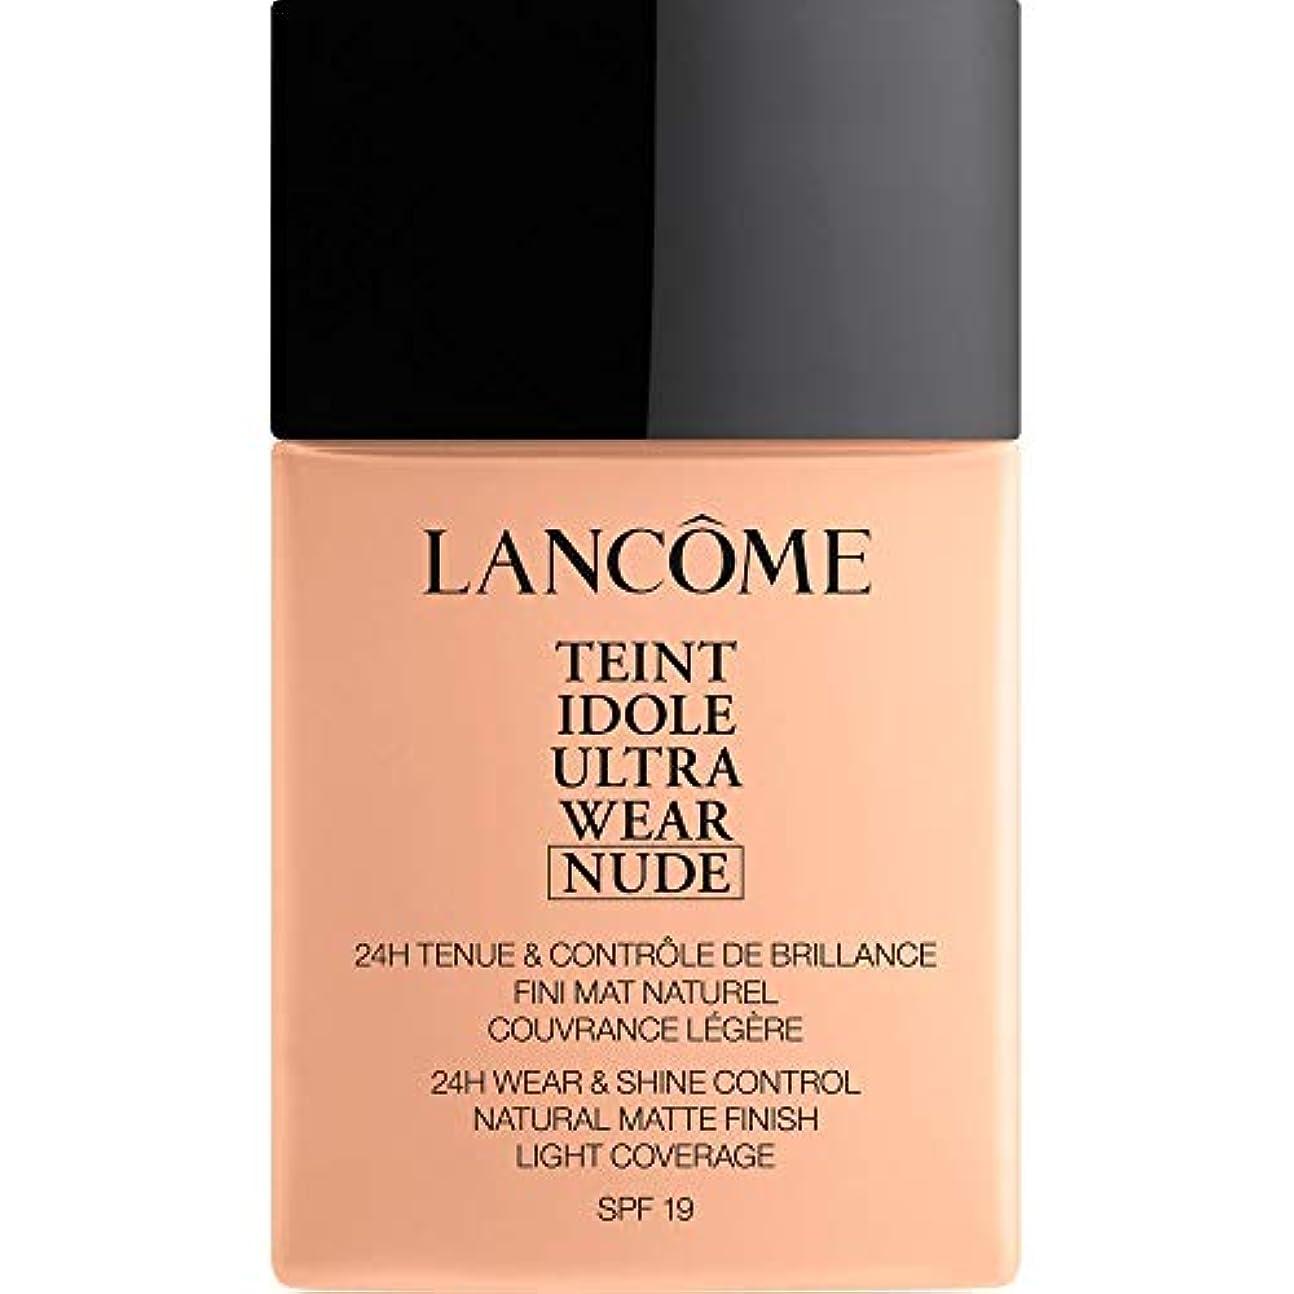 具体的に朝外国人[Lanc?me] ランコムTeintのIdole超摩耗ヌード財団Spf19の40ミリリットル005 - ベージュコートジボワール - Lancome Teint Idole Ultra Wear Nude Foundation...